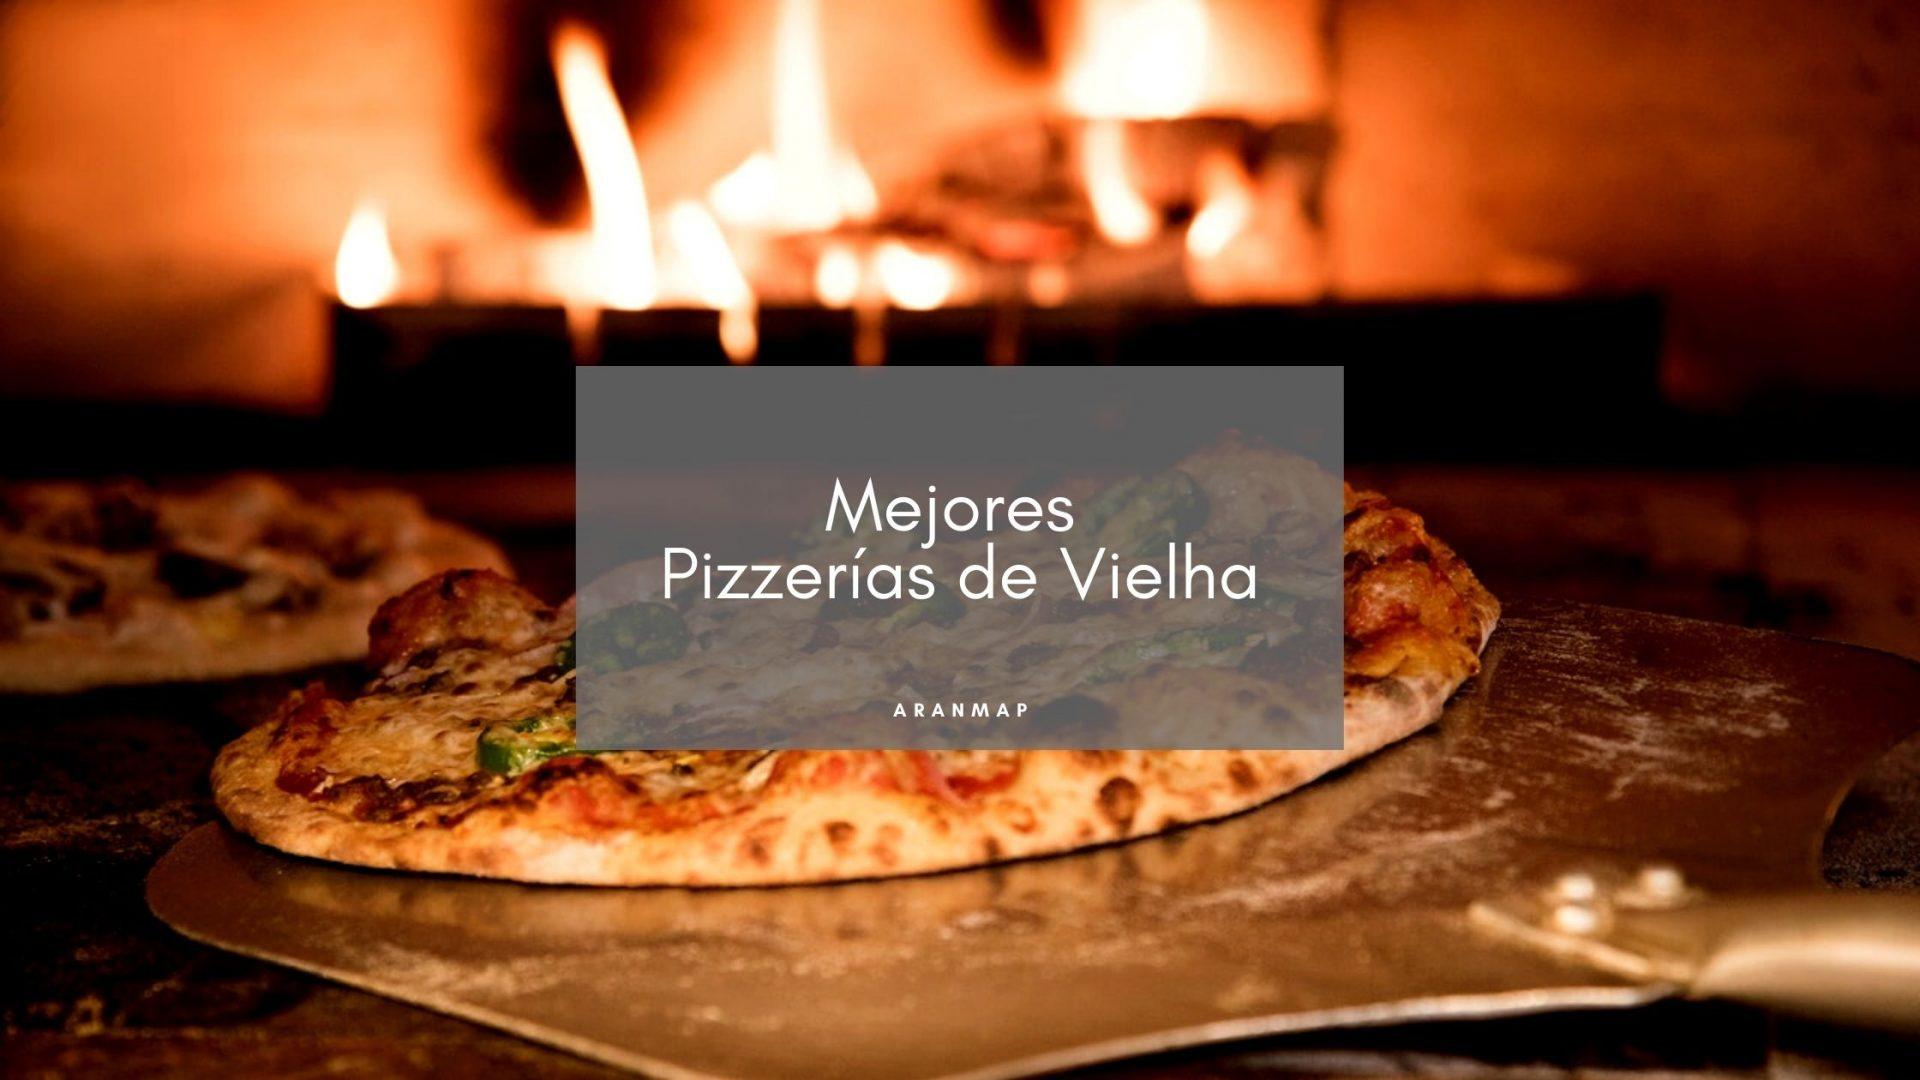 Las Mejores Pizzerías de Vielha